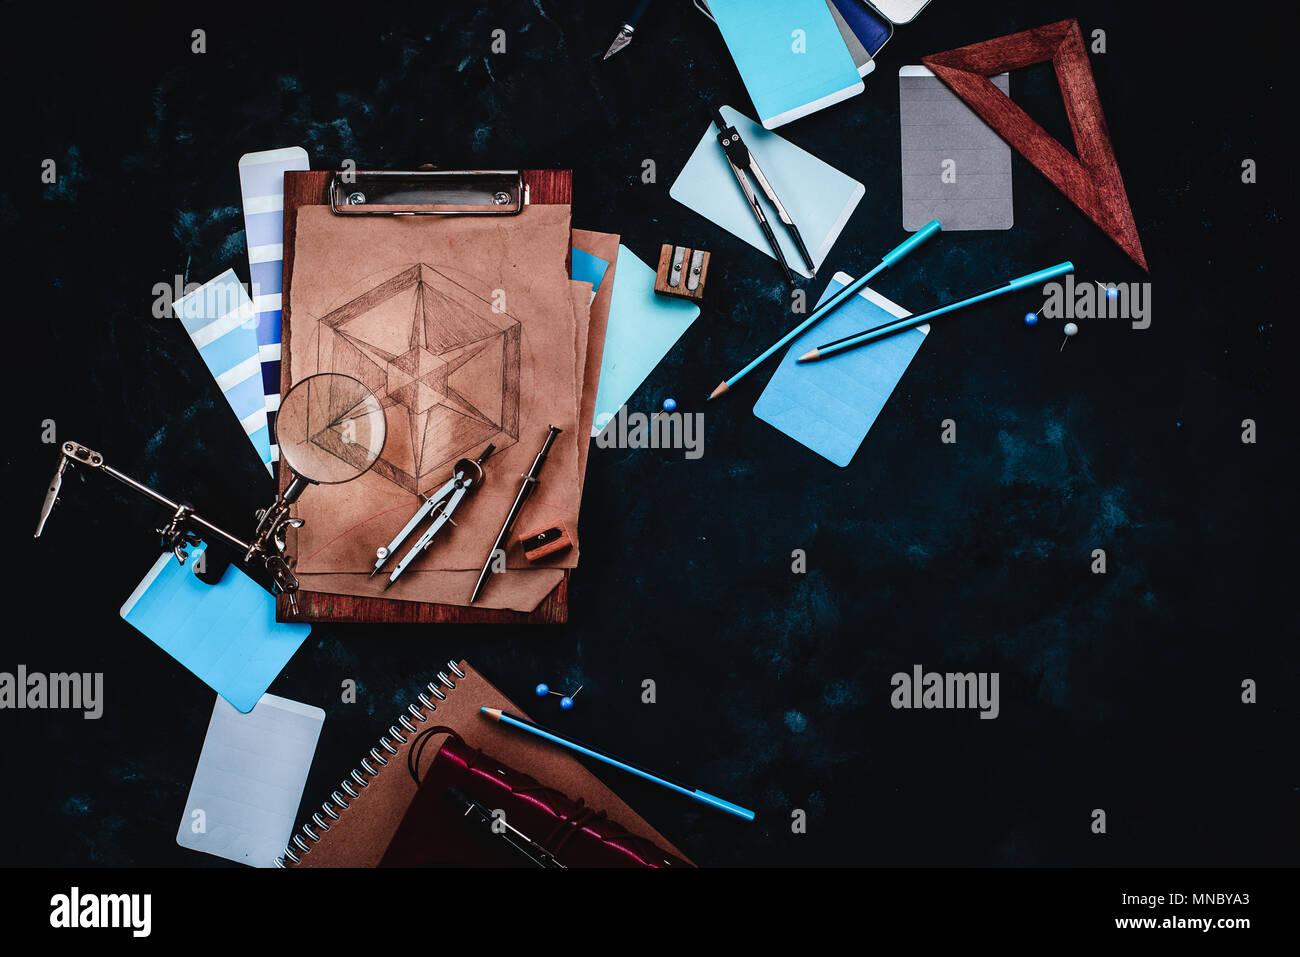 Zeichner oder Konstrukteur Arbeitsplatz mit Handwerk Papier, Skizzen, Zirkel, Lineale, Ablagen und Bleistifte auf einem dunklen Stein Hintergrund. Ansicht von oben mit der Kopie s Stockbild